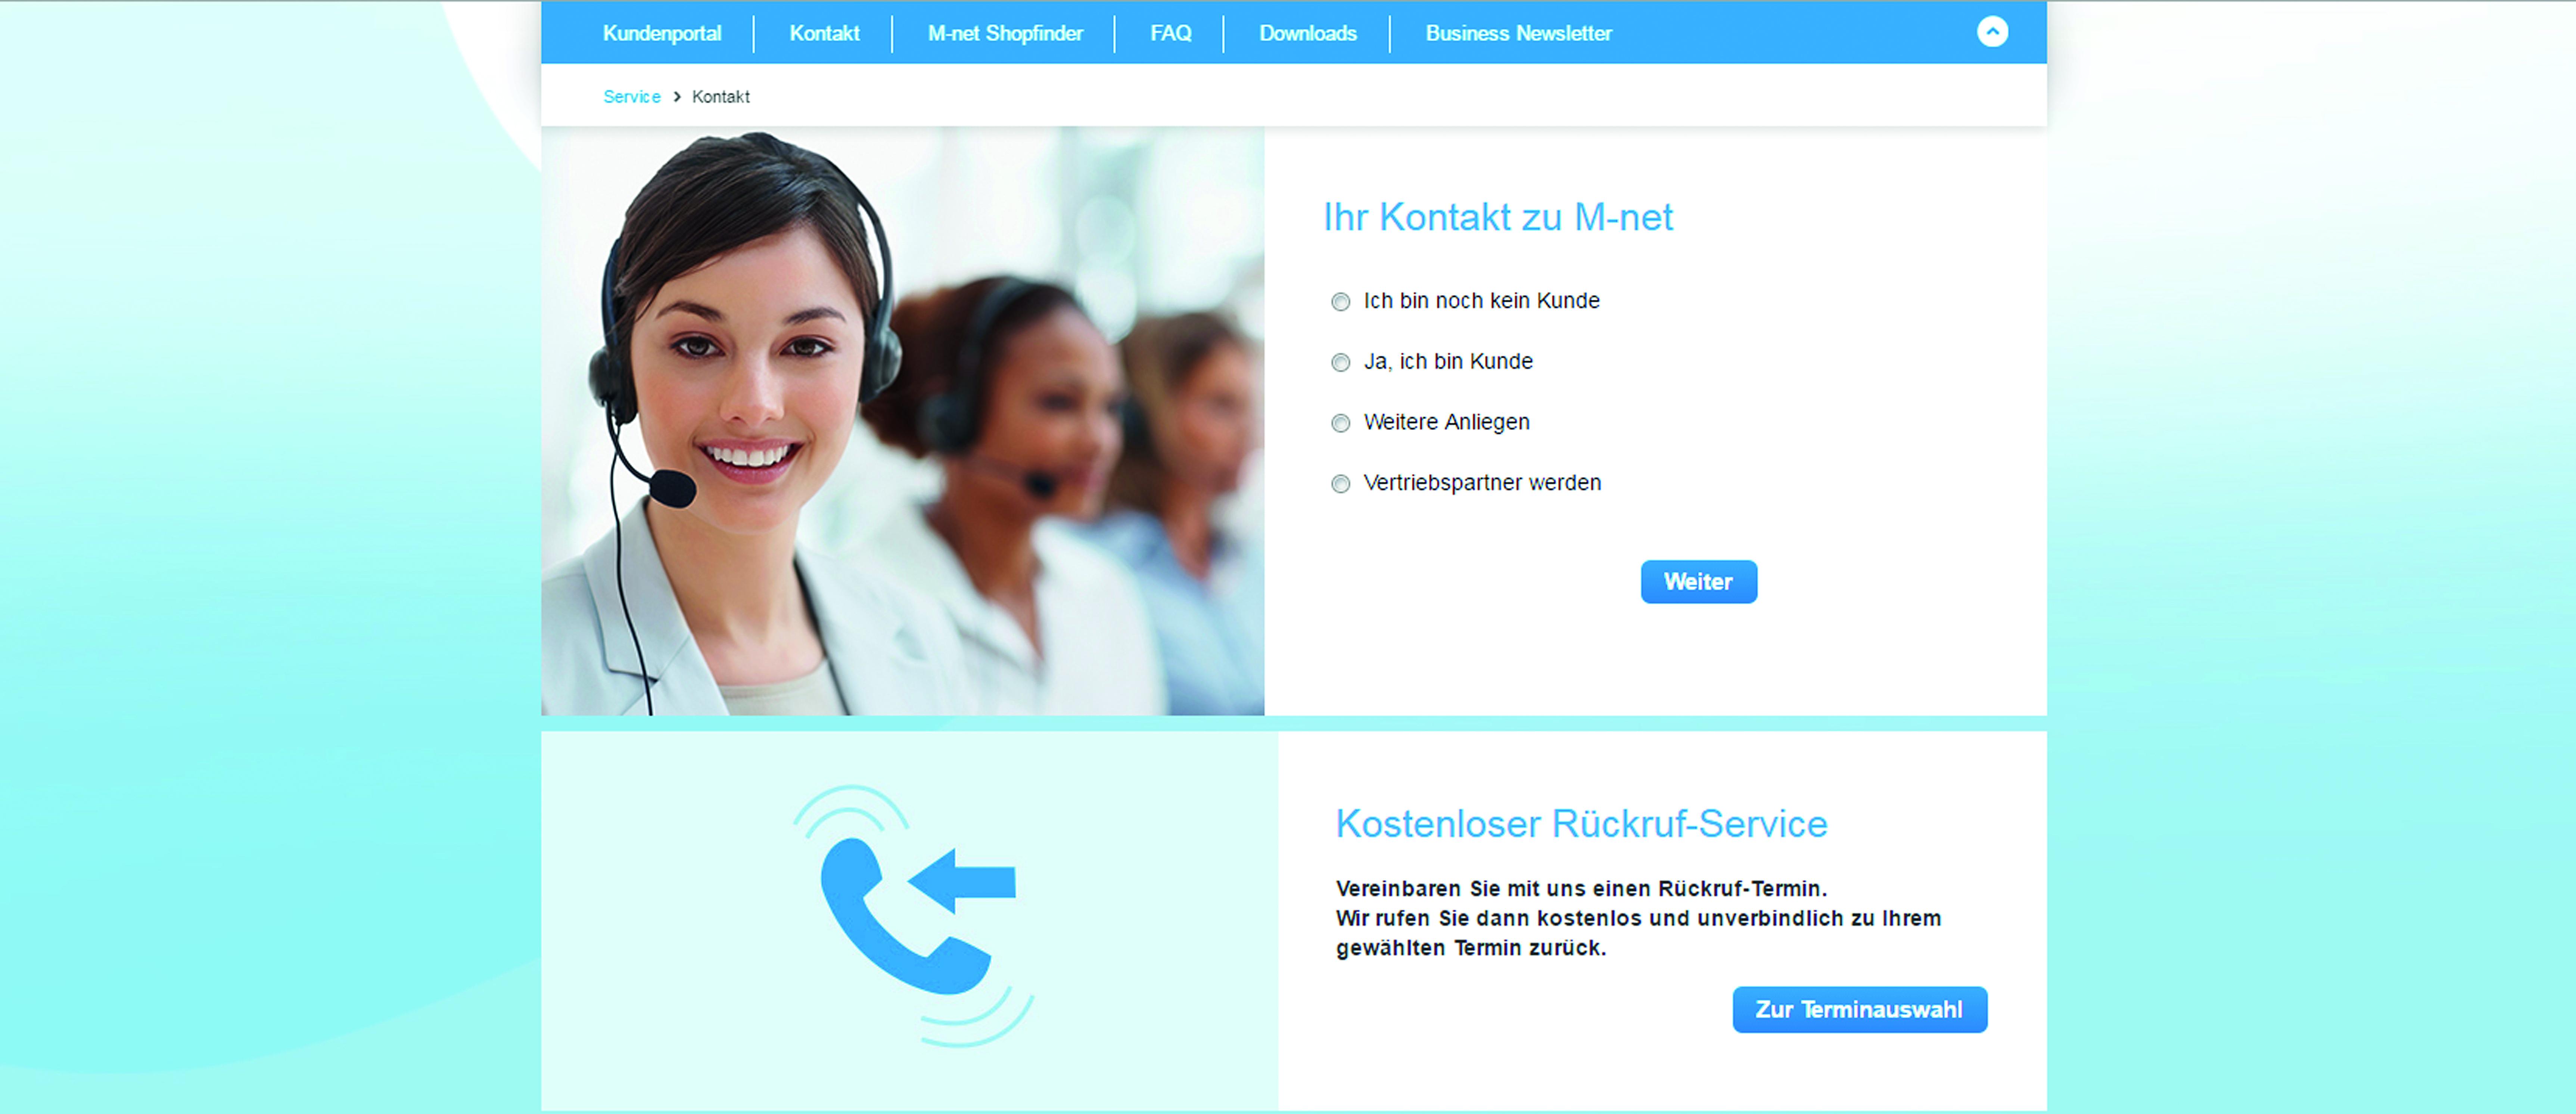 Interface für den kostenlosen Rückruf-Service